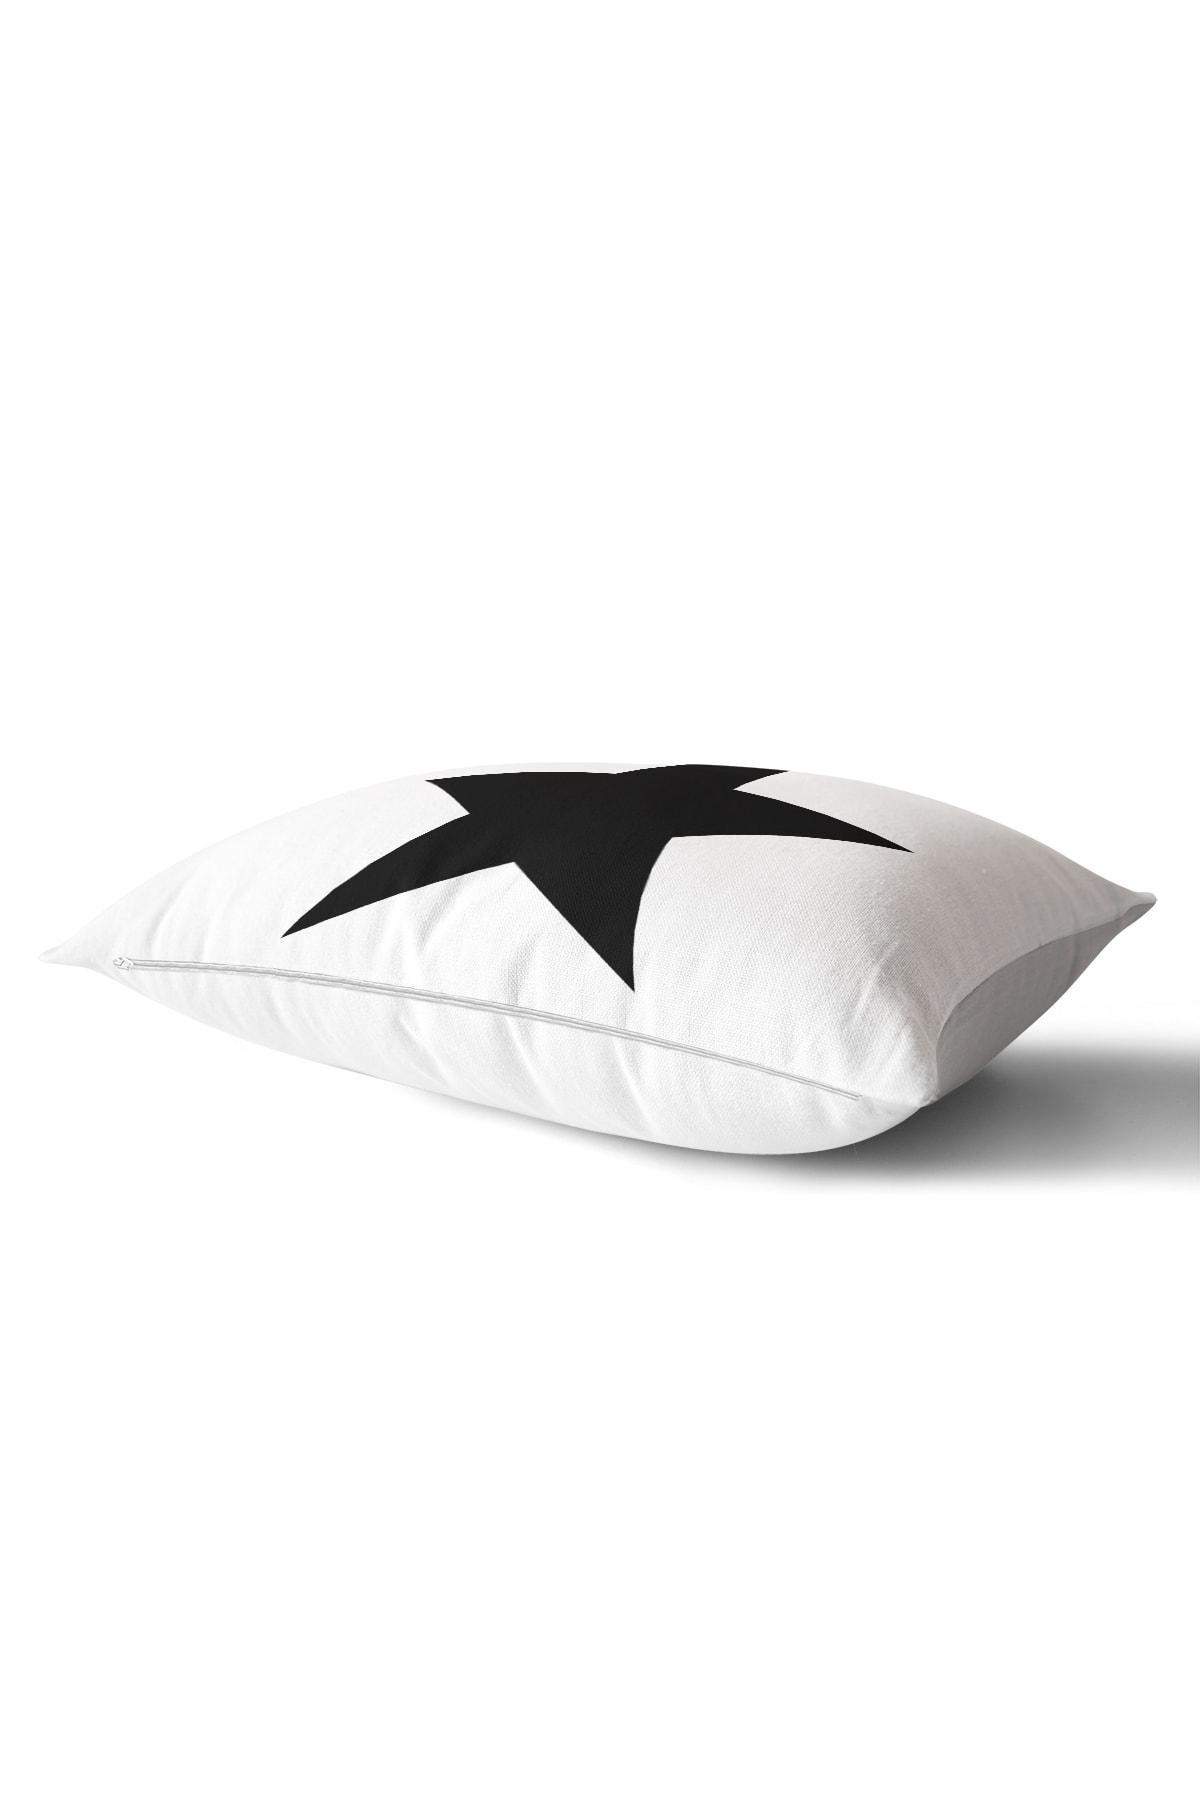 Realhomes Modern Yıldız Desenli Dijital Baskılı Dekoratif Dikdörtgen Yastık Kırlent Kılıfı 1